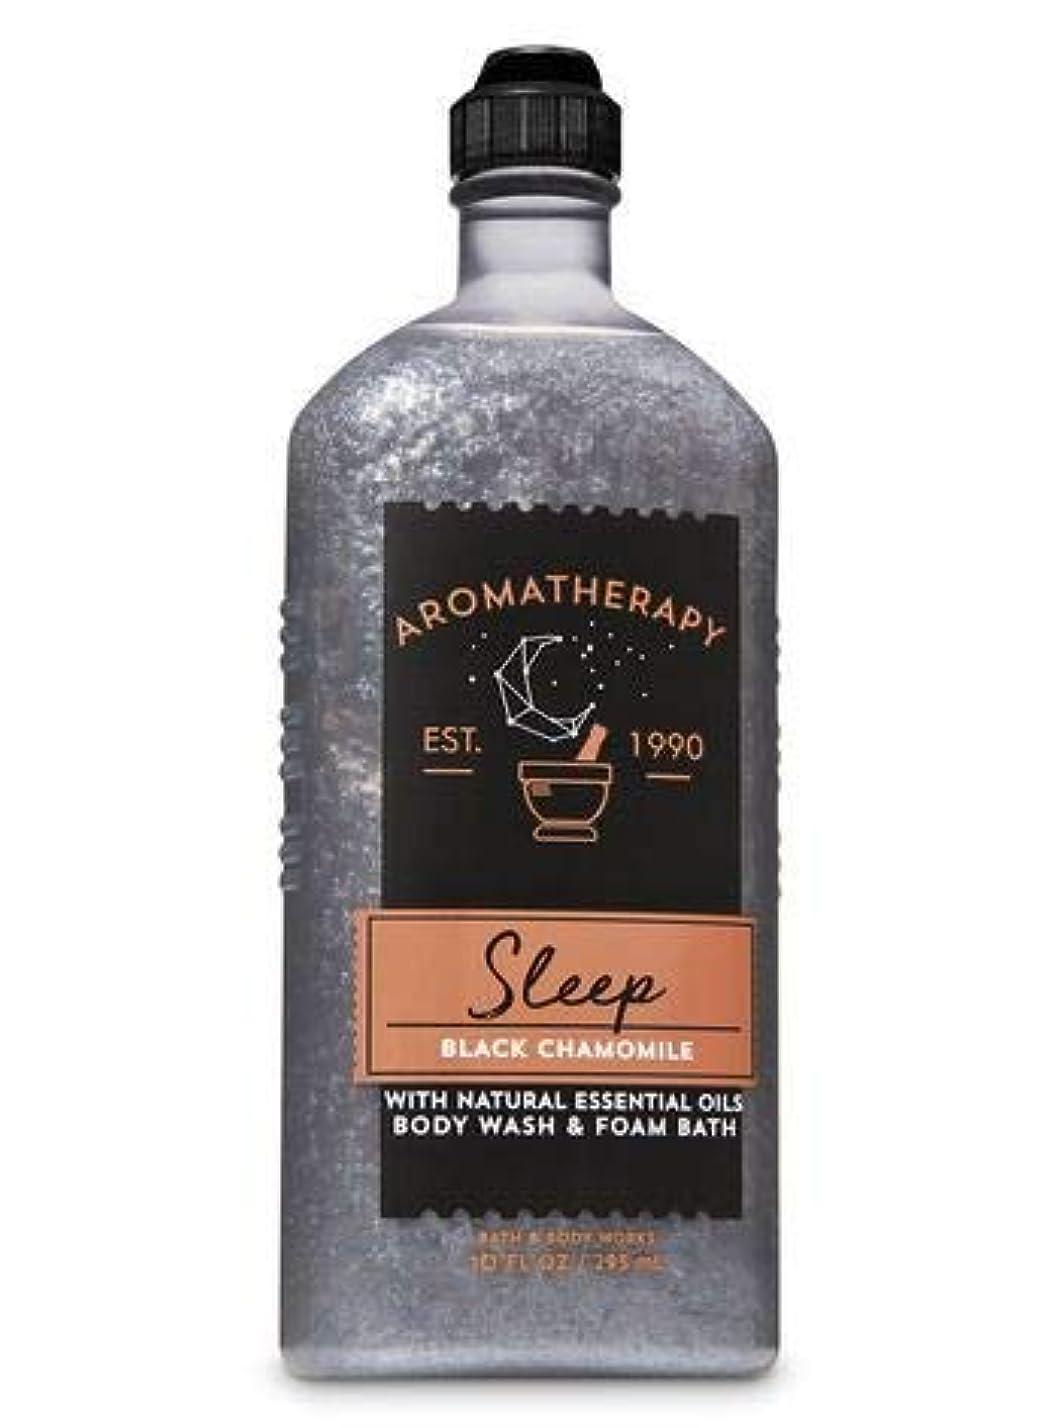 証言する解決今日【Bath&Body Works/バス&ボディワークス】 ボディウォッシュ&フォームバス アロマセラピー スリープ ブラックカモミール Body Wash & Foam Bath Aromatherapy Sleep Black...